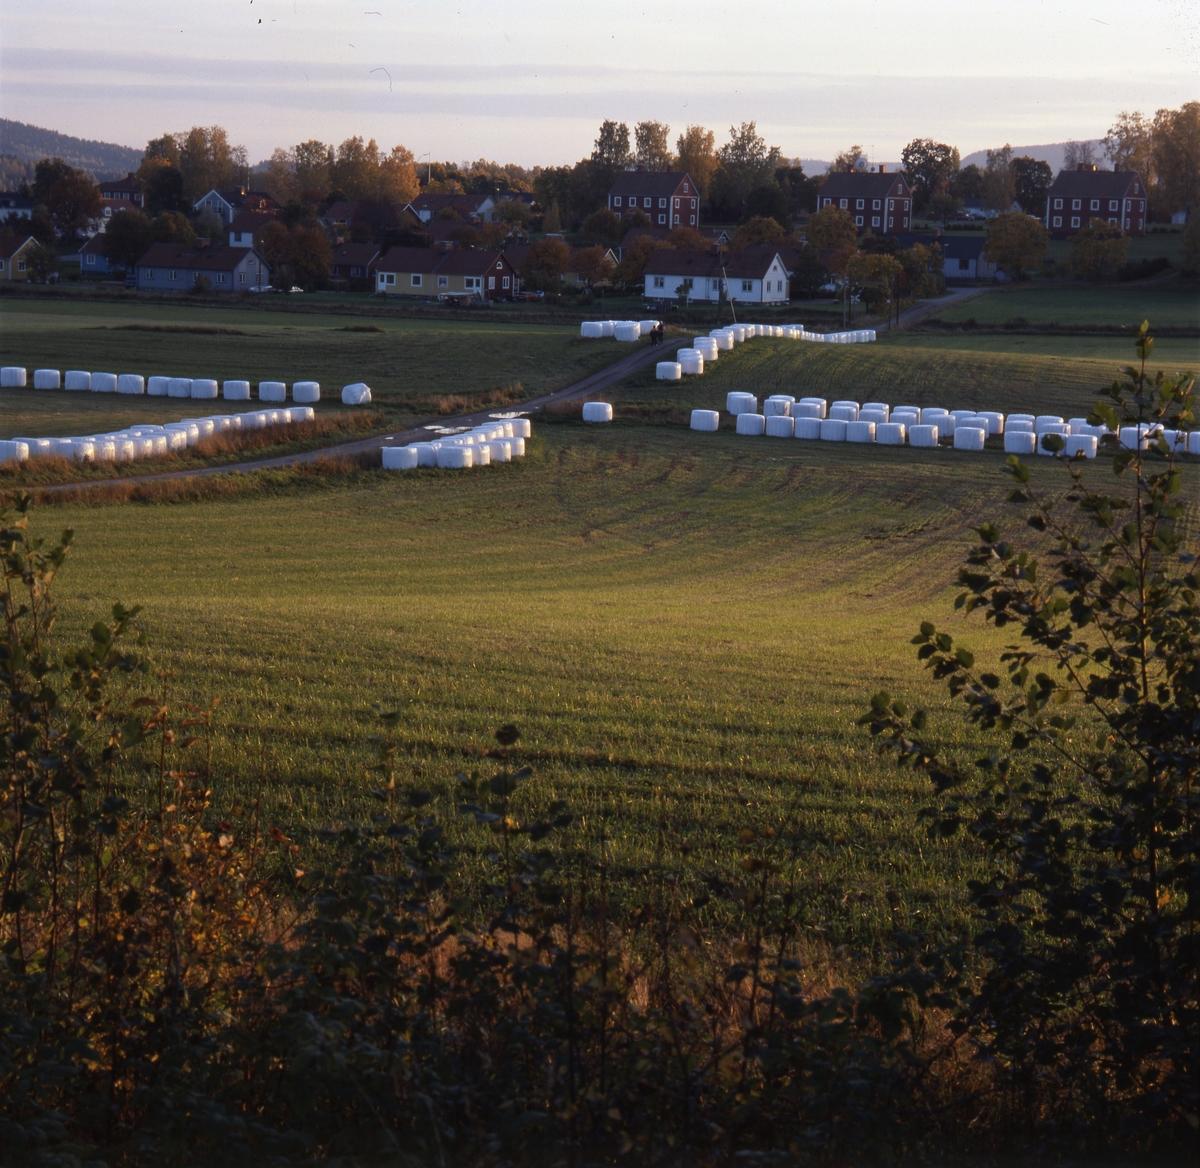 Utsikt över åkermark. I fonden ser man en by, med gårdar och villor. Där finns en byväg med vägkorsning. Längs med vägens sidor ligger låga rader av vita ensilagbalar.